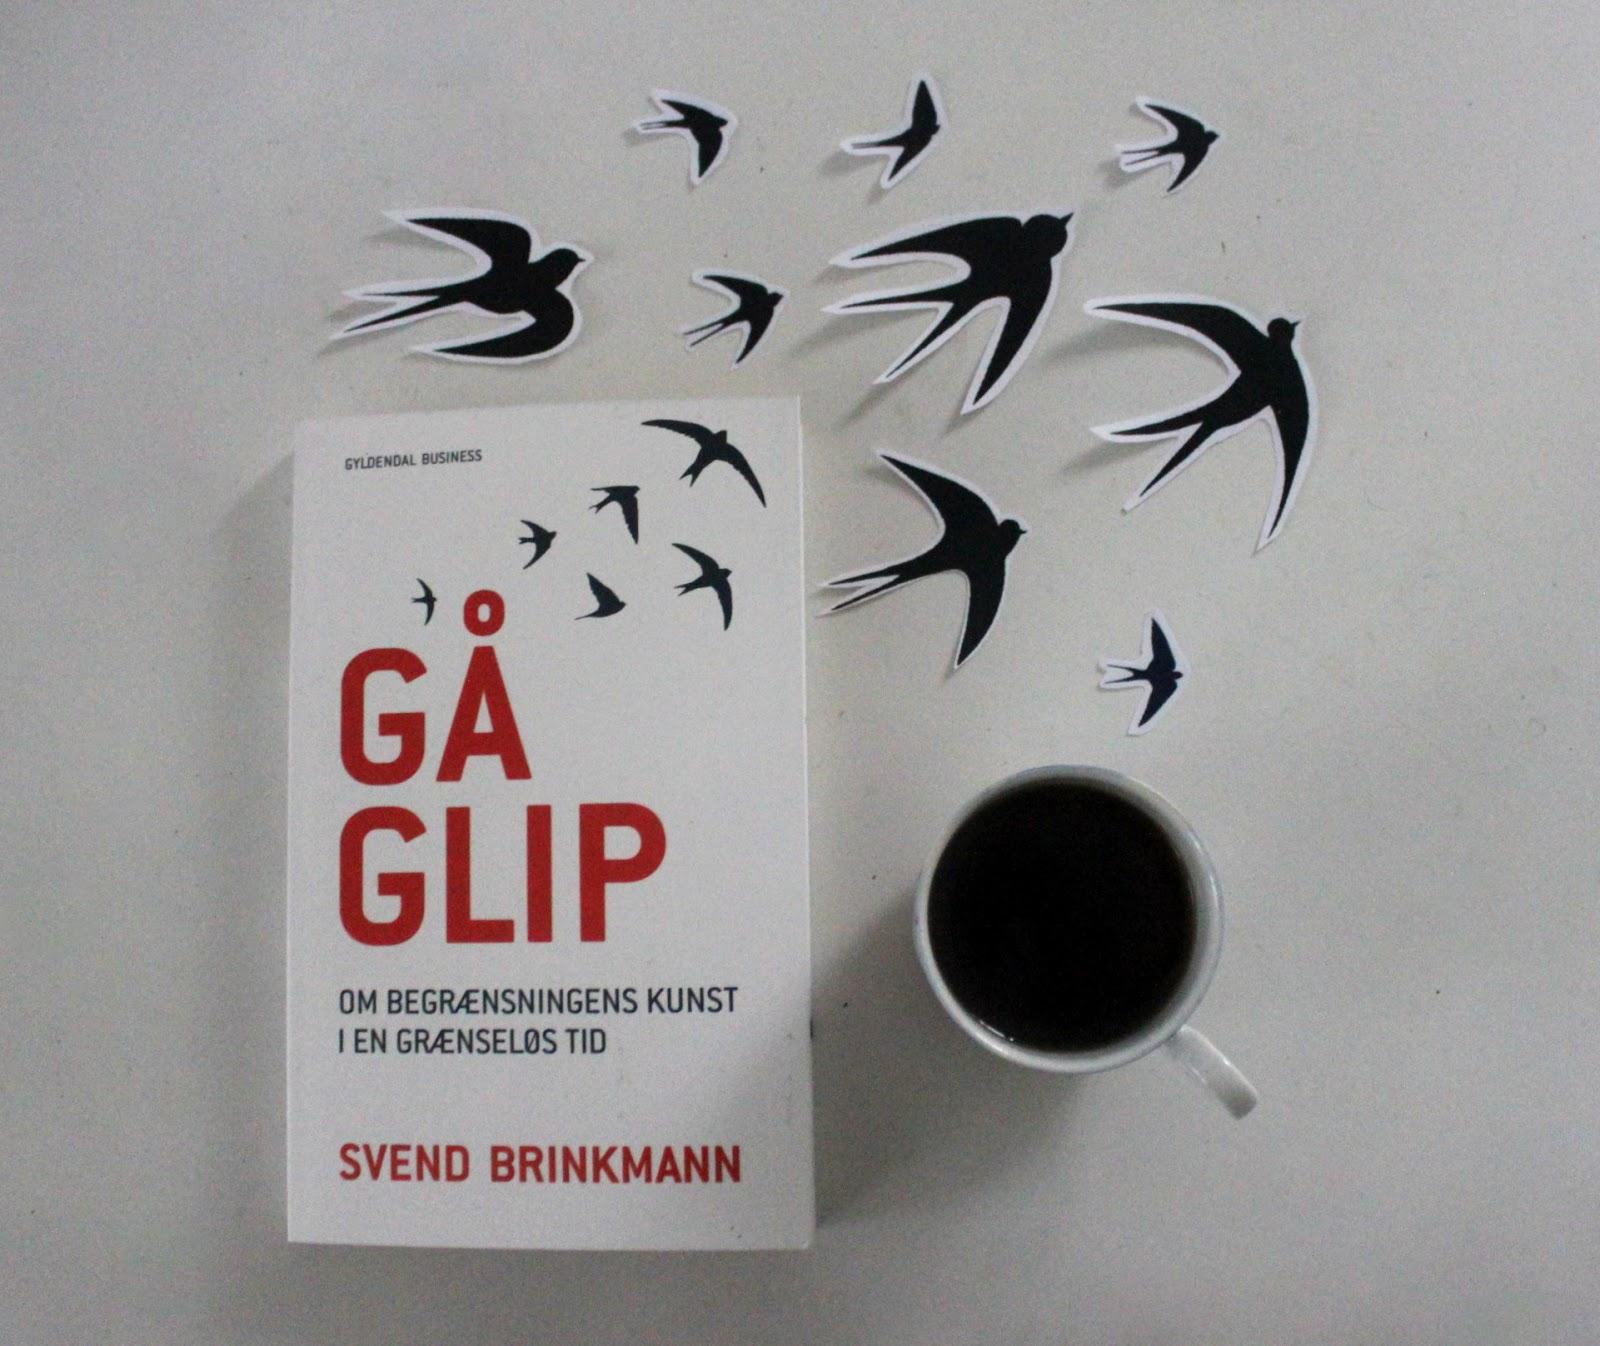 svend brinkmann blog